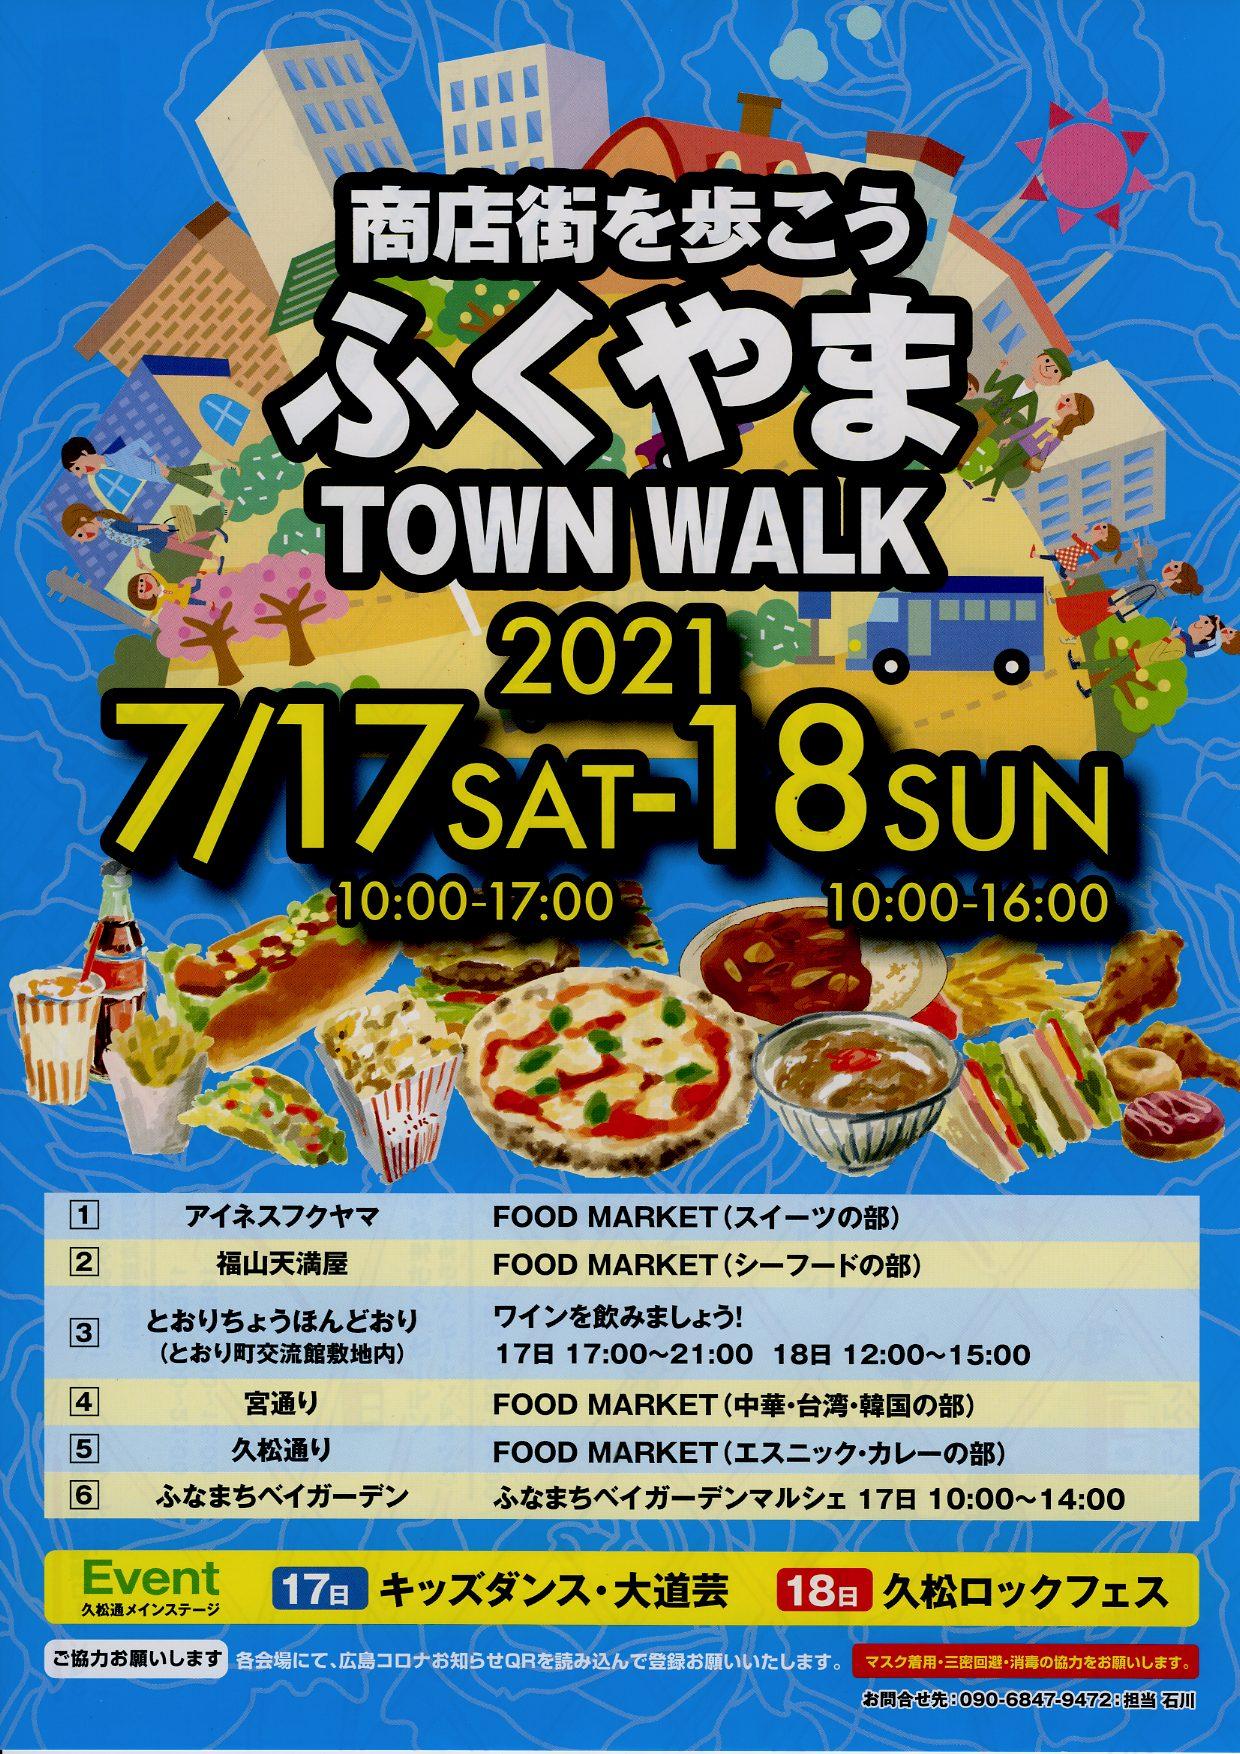 商店街を歩こう「ふくやまTOWN WALK 2021」開催!